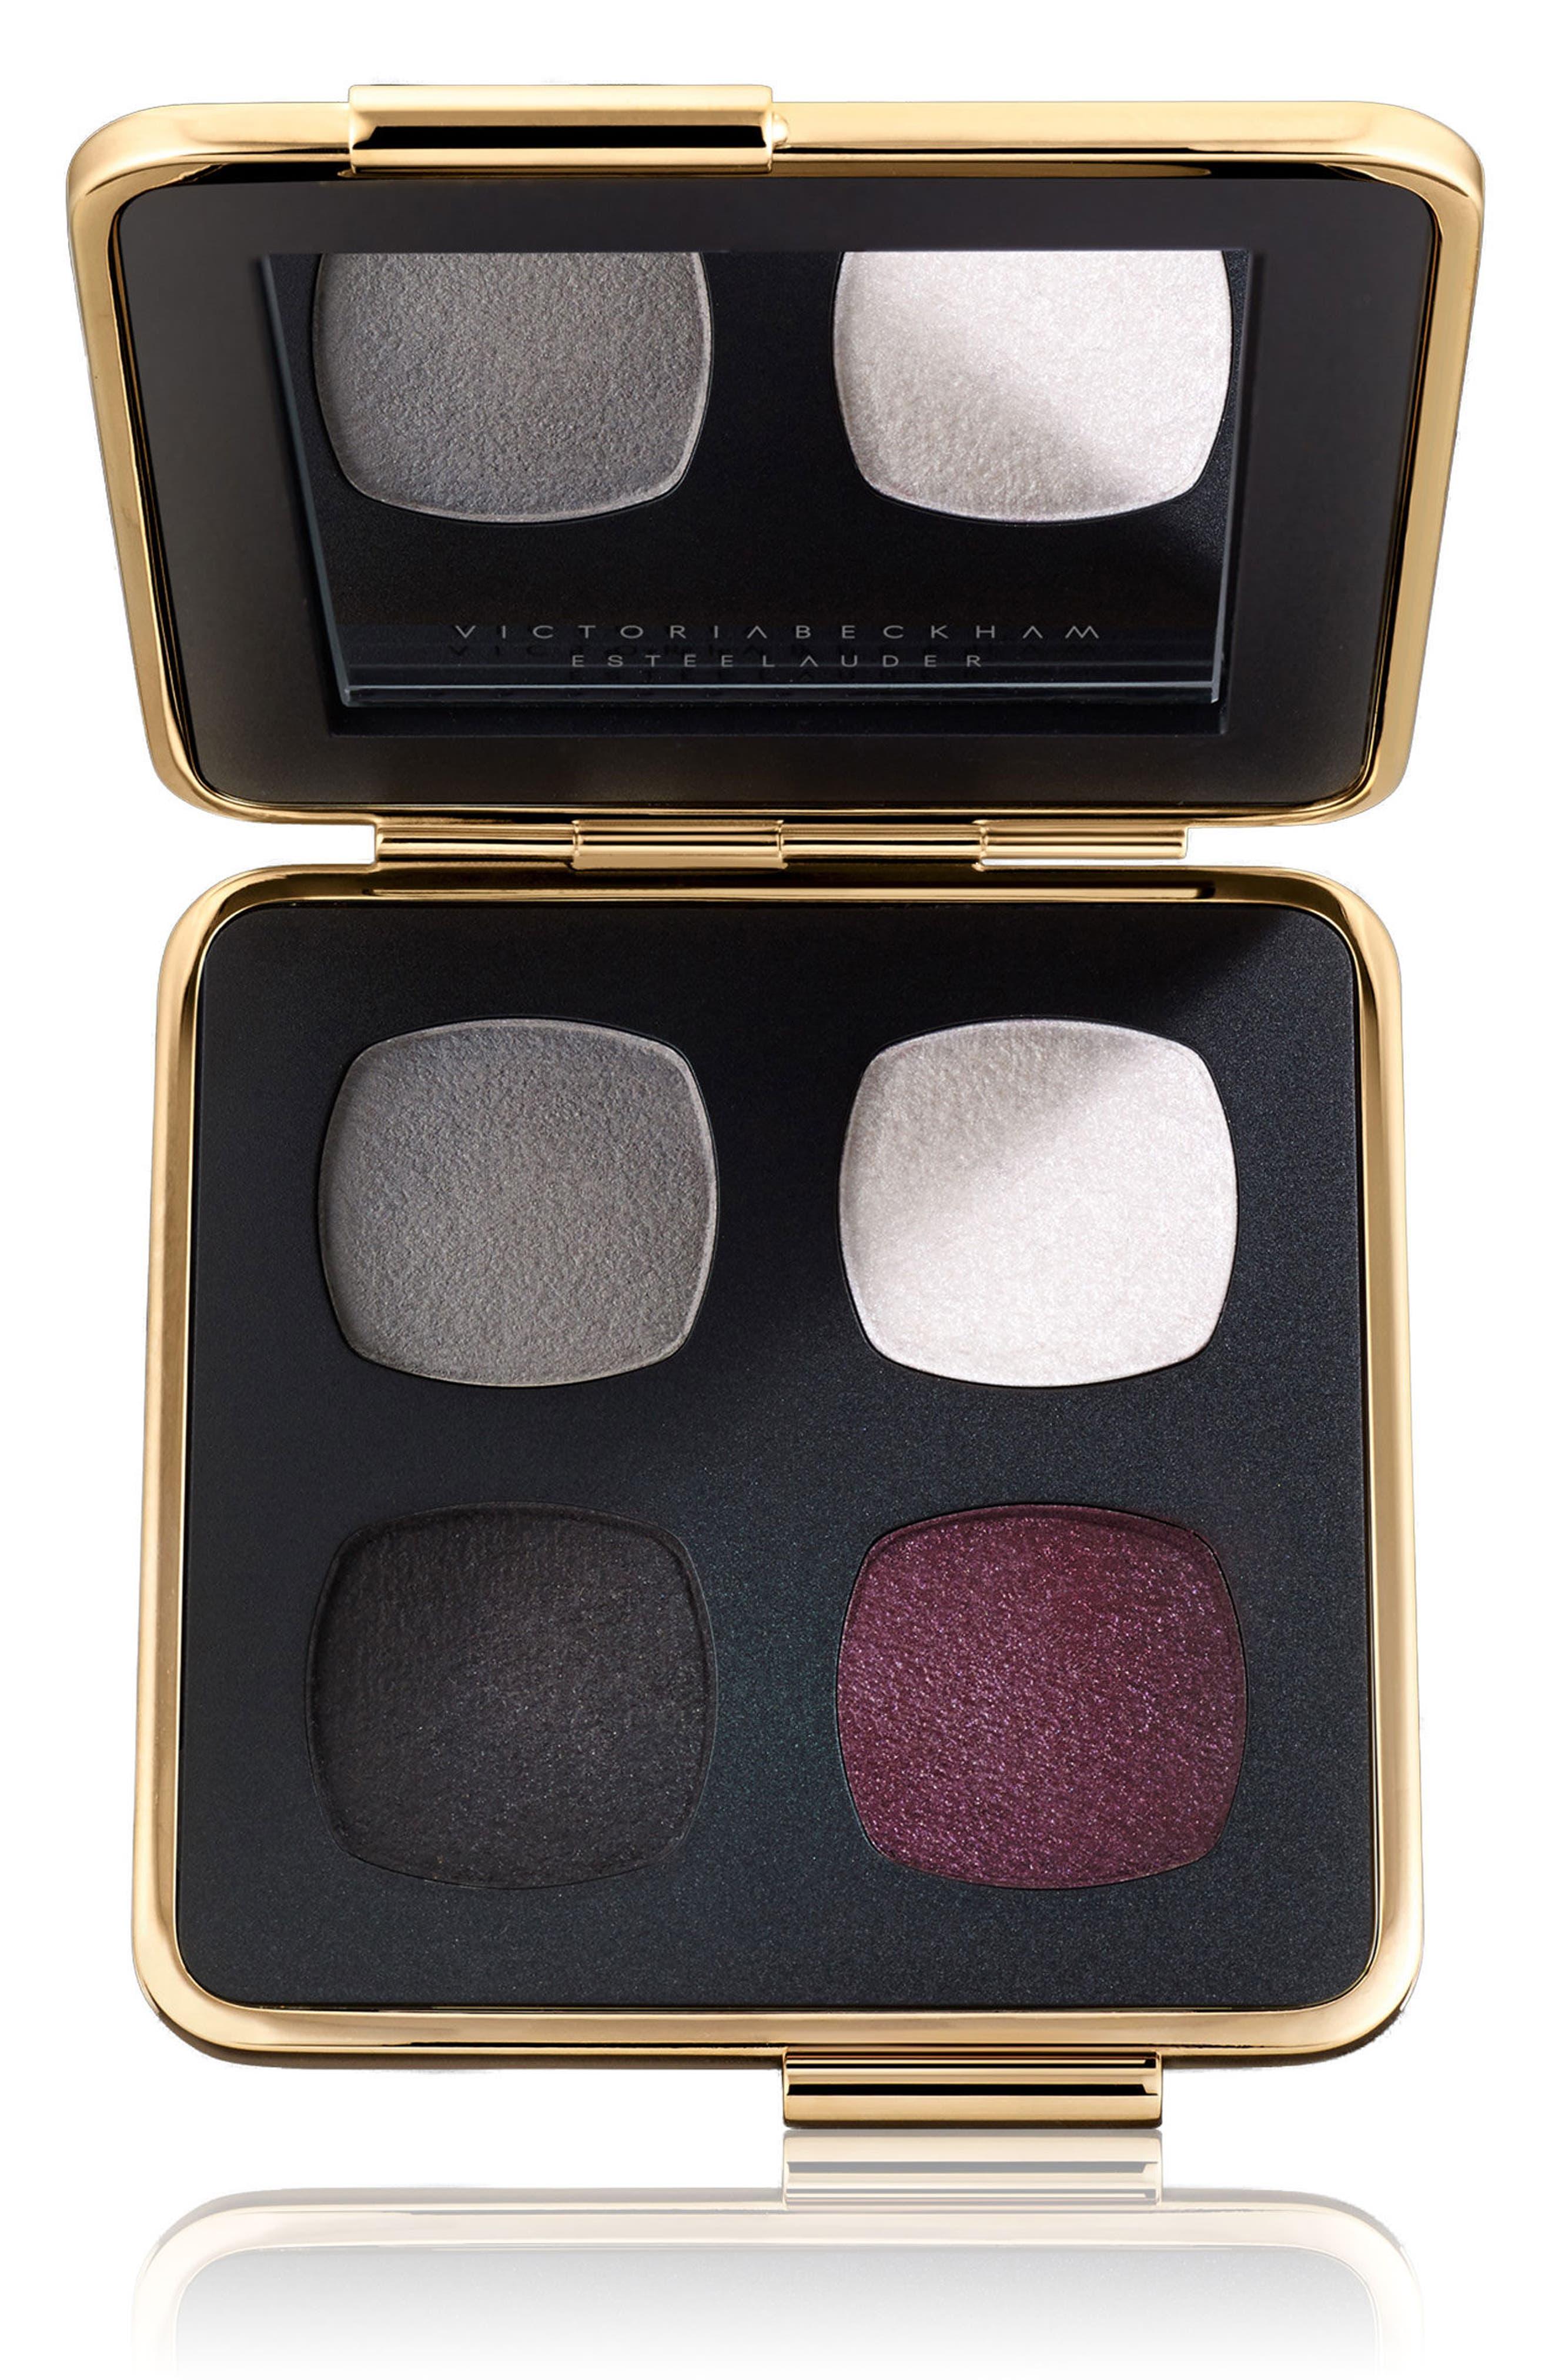 Victoria Beckham Eye Palette,                             Main thumbnail 1, color,                             Blanc/ Gris/ Noir/ Bordeaux